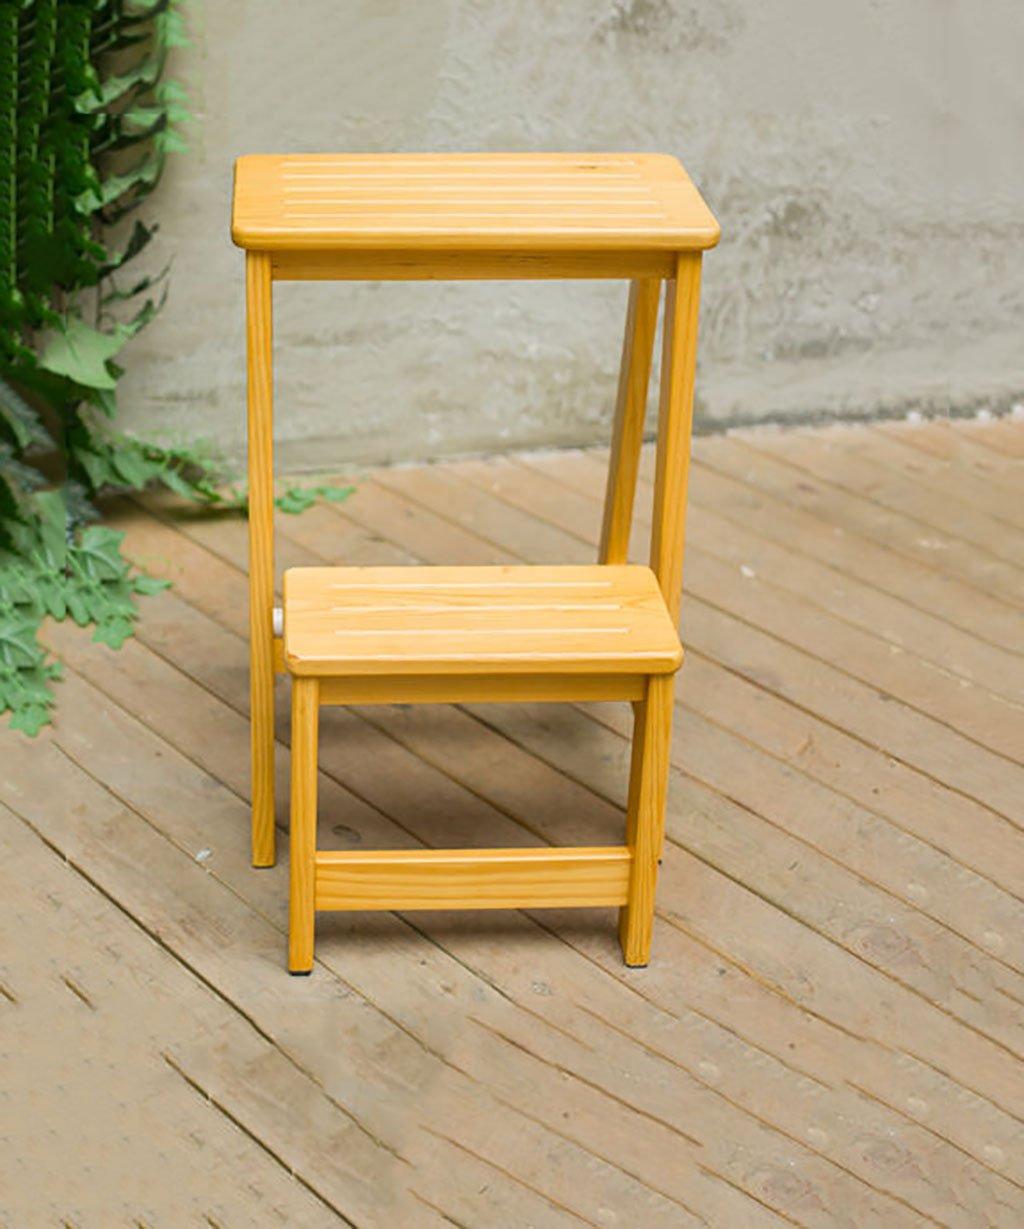 DNSJB 多機能Foldableソリッドウッドラダー椅子移動階段ライブラリフットスツール、4色使用可能、29 * 48 * 55CM (Color : Wood color) B07T5JWF51 Wood color